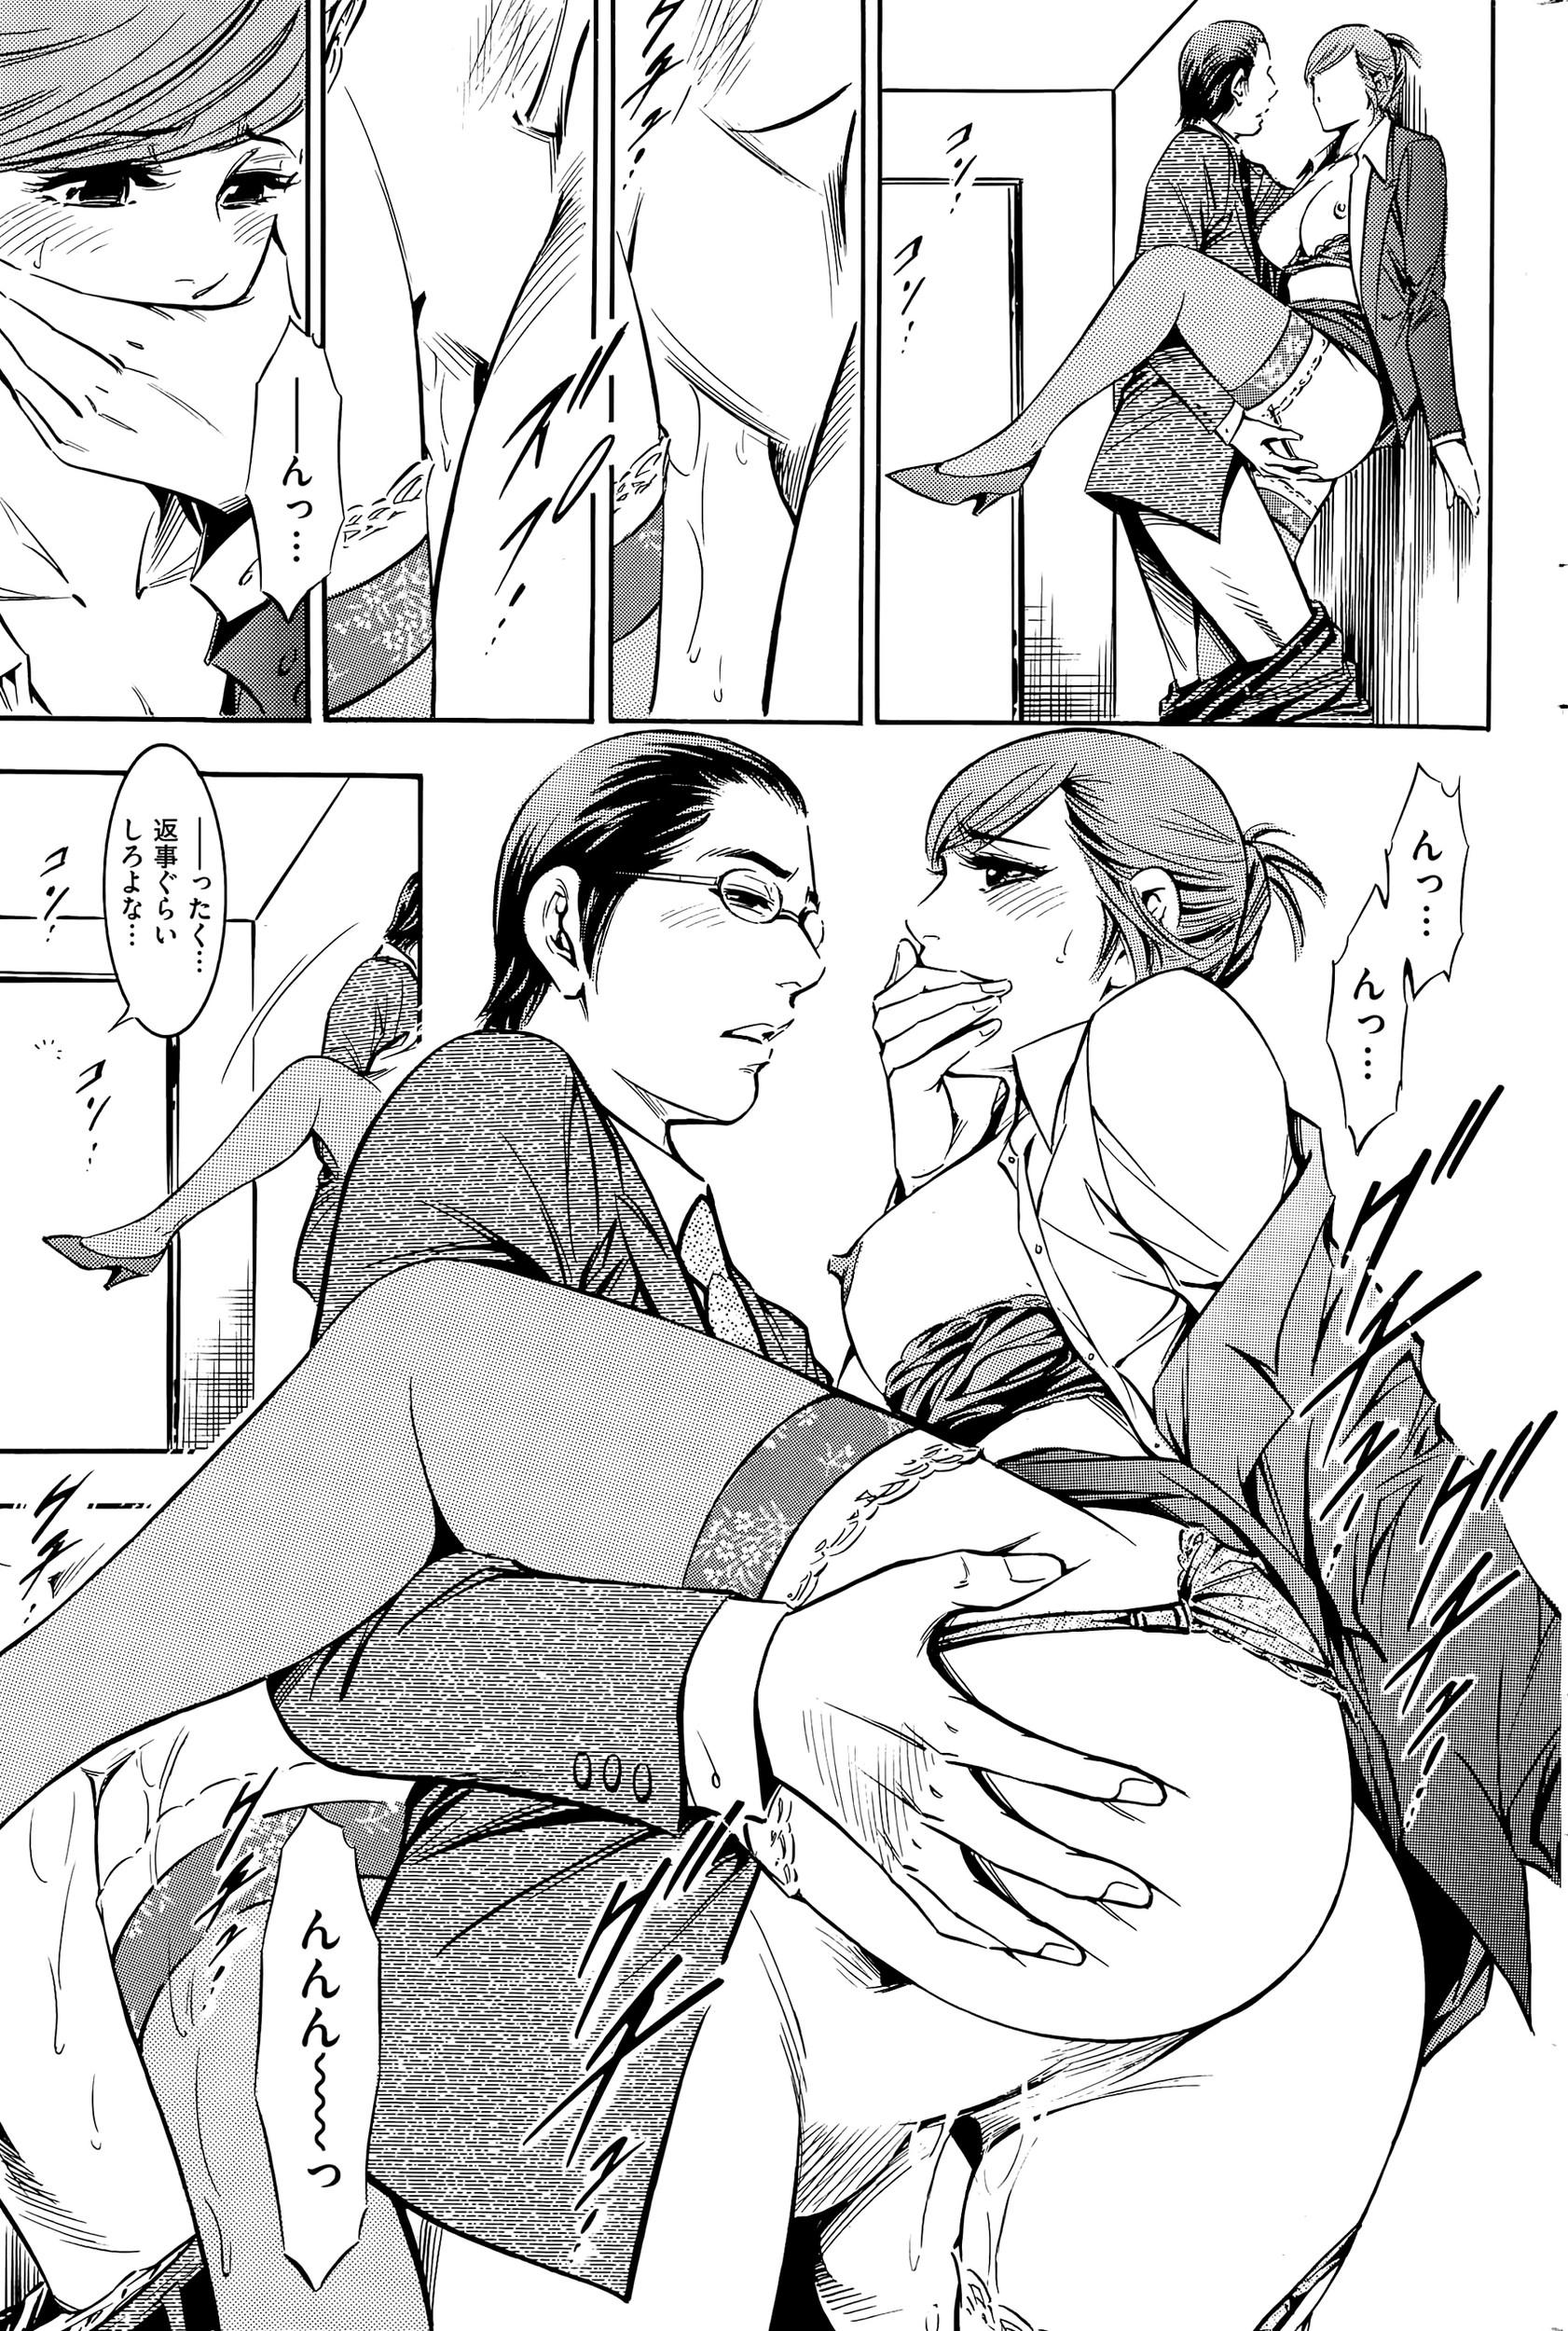 【エロ漫画・エロ同人】痴漢されたくてしょうがない巨乳OLwww (15)